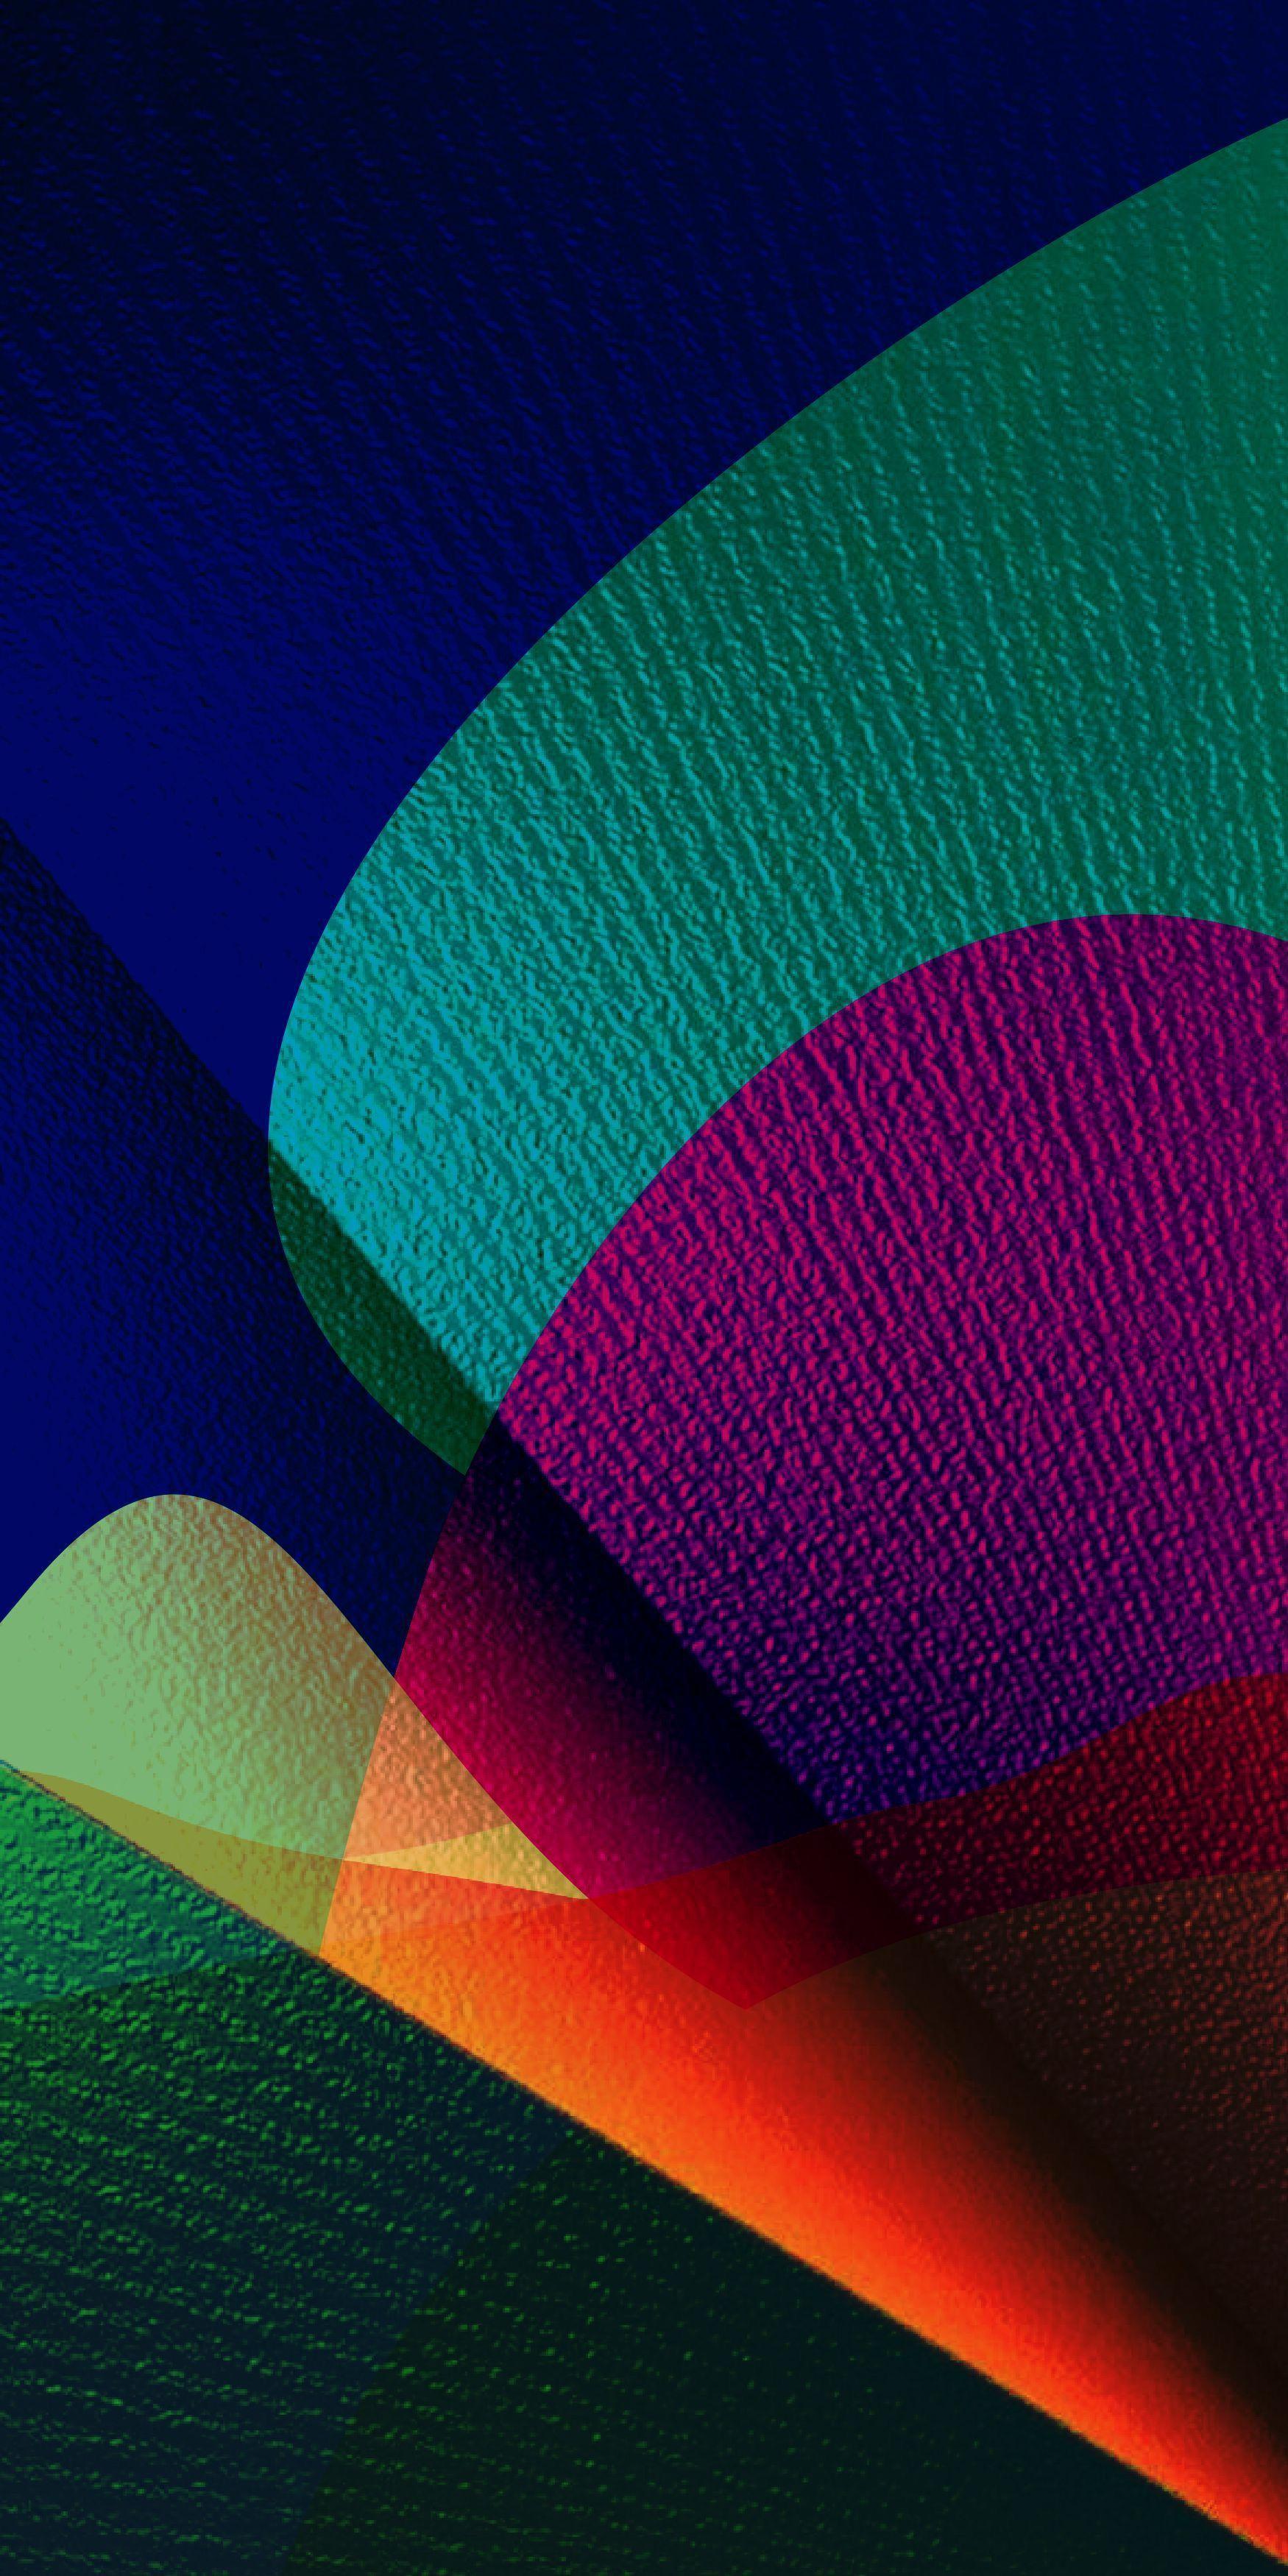 Samsung Wallpaper A70 Wallpaper Tapete Samsung Wallpaper A70 Hintergrundbild Ta In 2020 Samsung Wallpaper Abstract Iphone Wallpaper Abstract Wallpaper Backgrounds